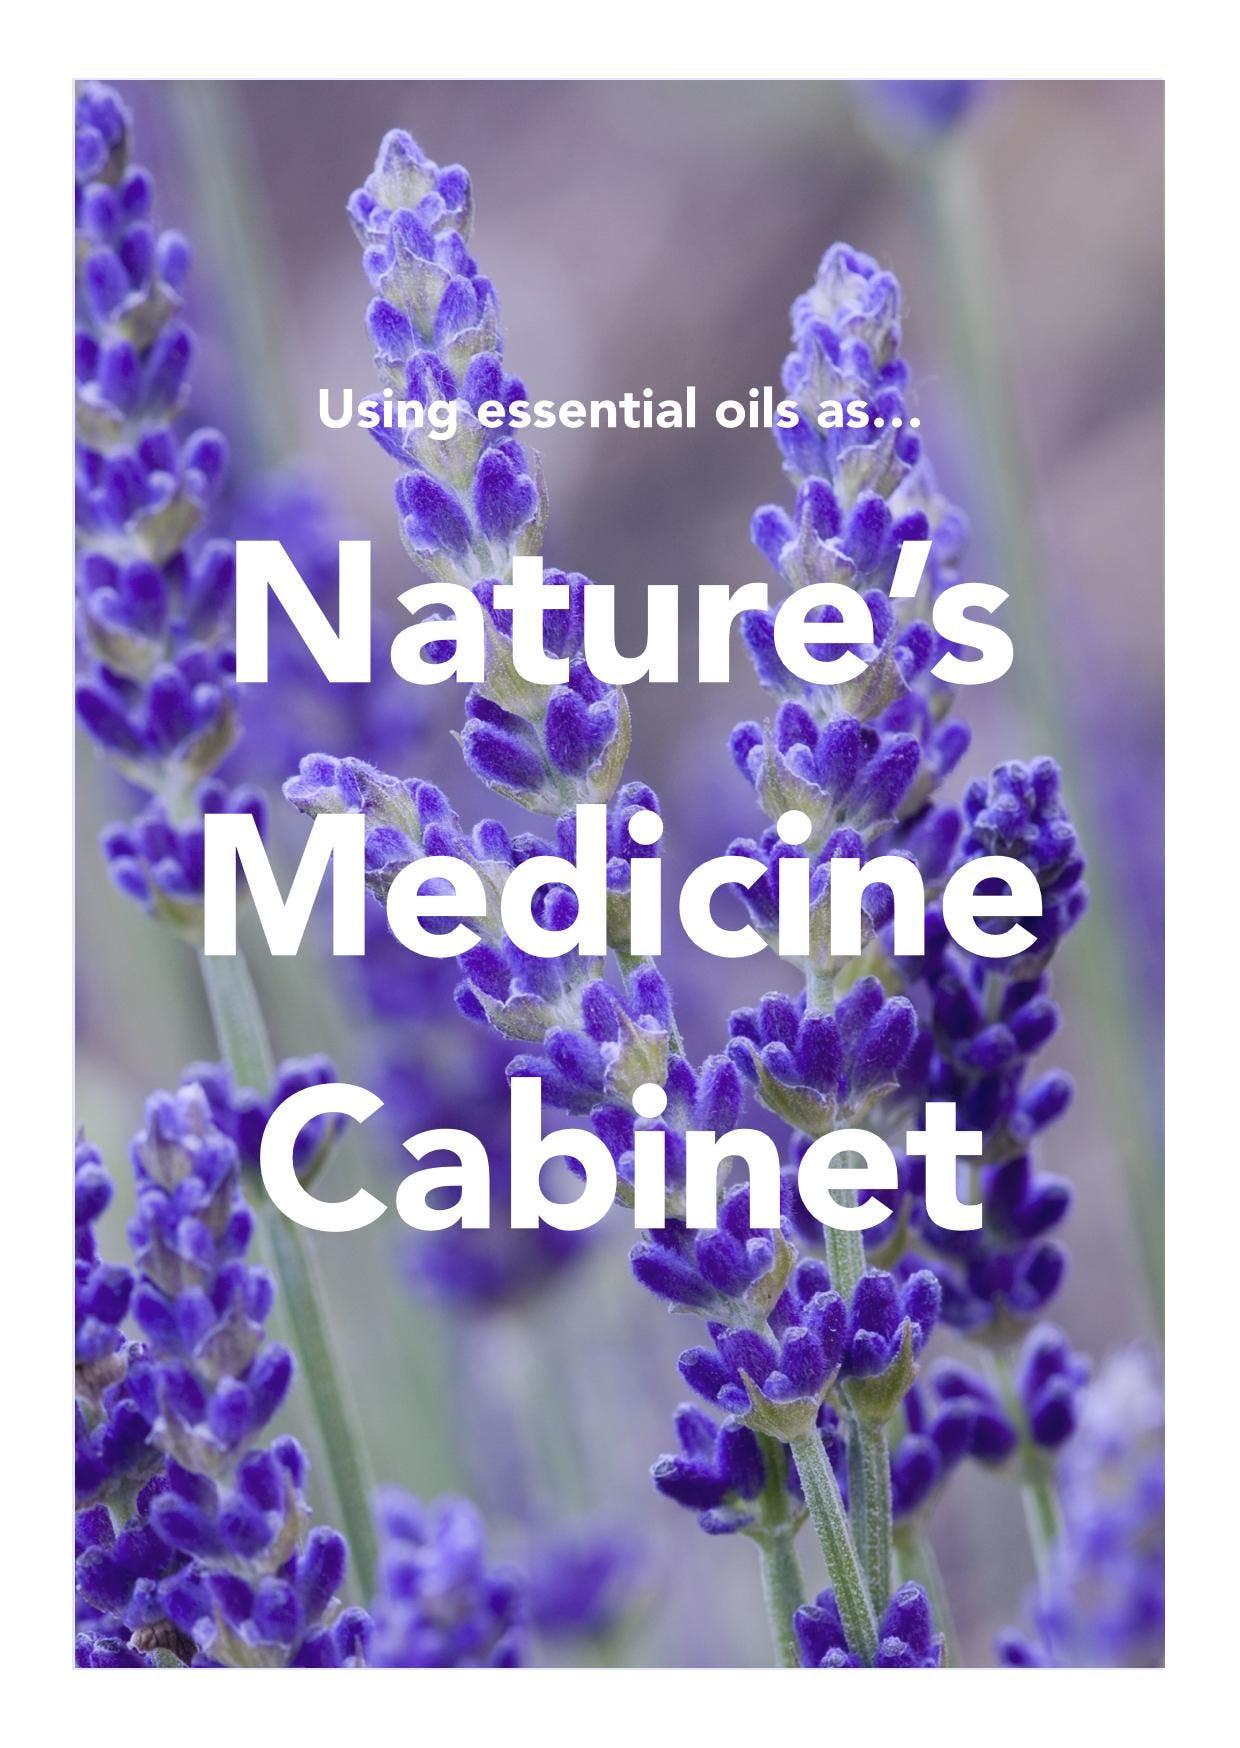 Nature's Medicine Cabinet Workshop